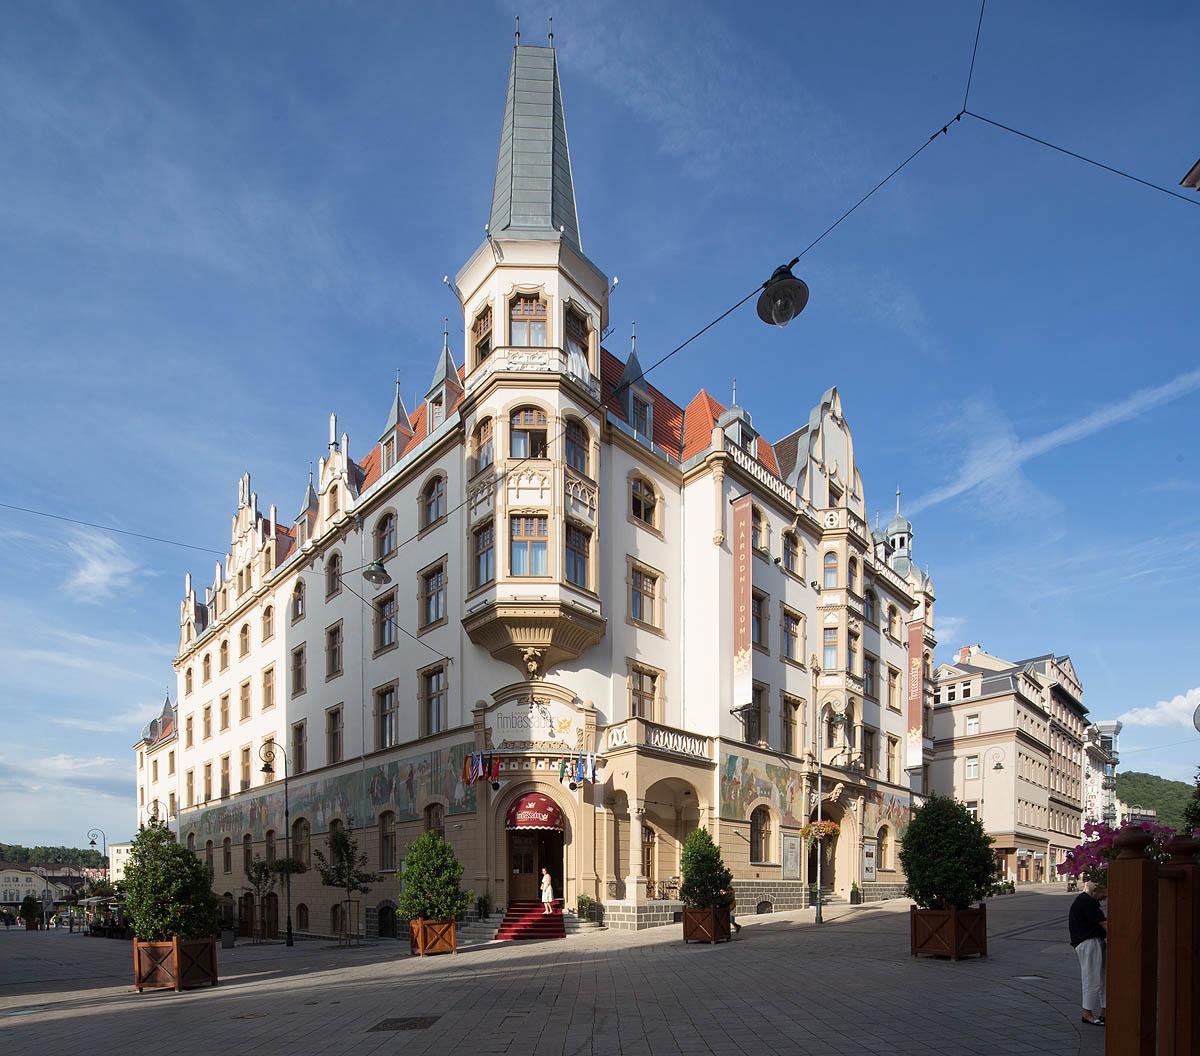 Czechy 4 Strona house